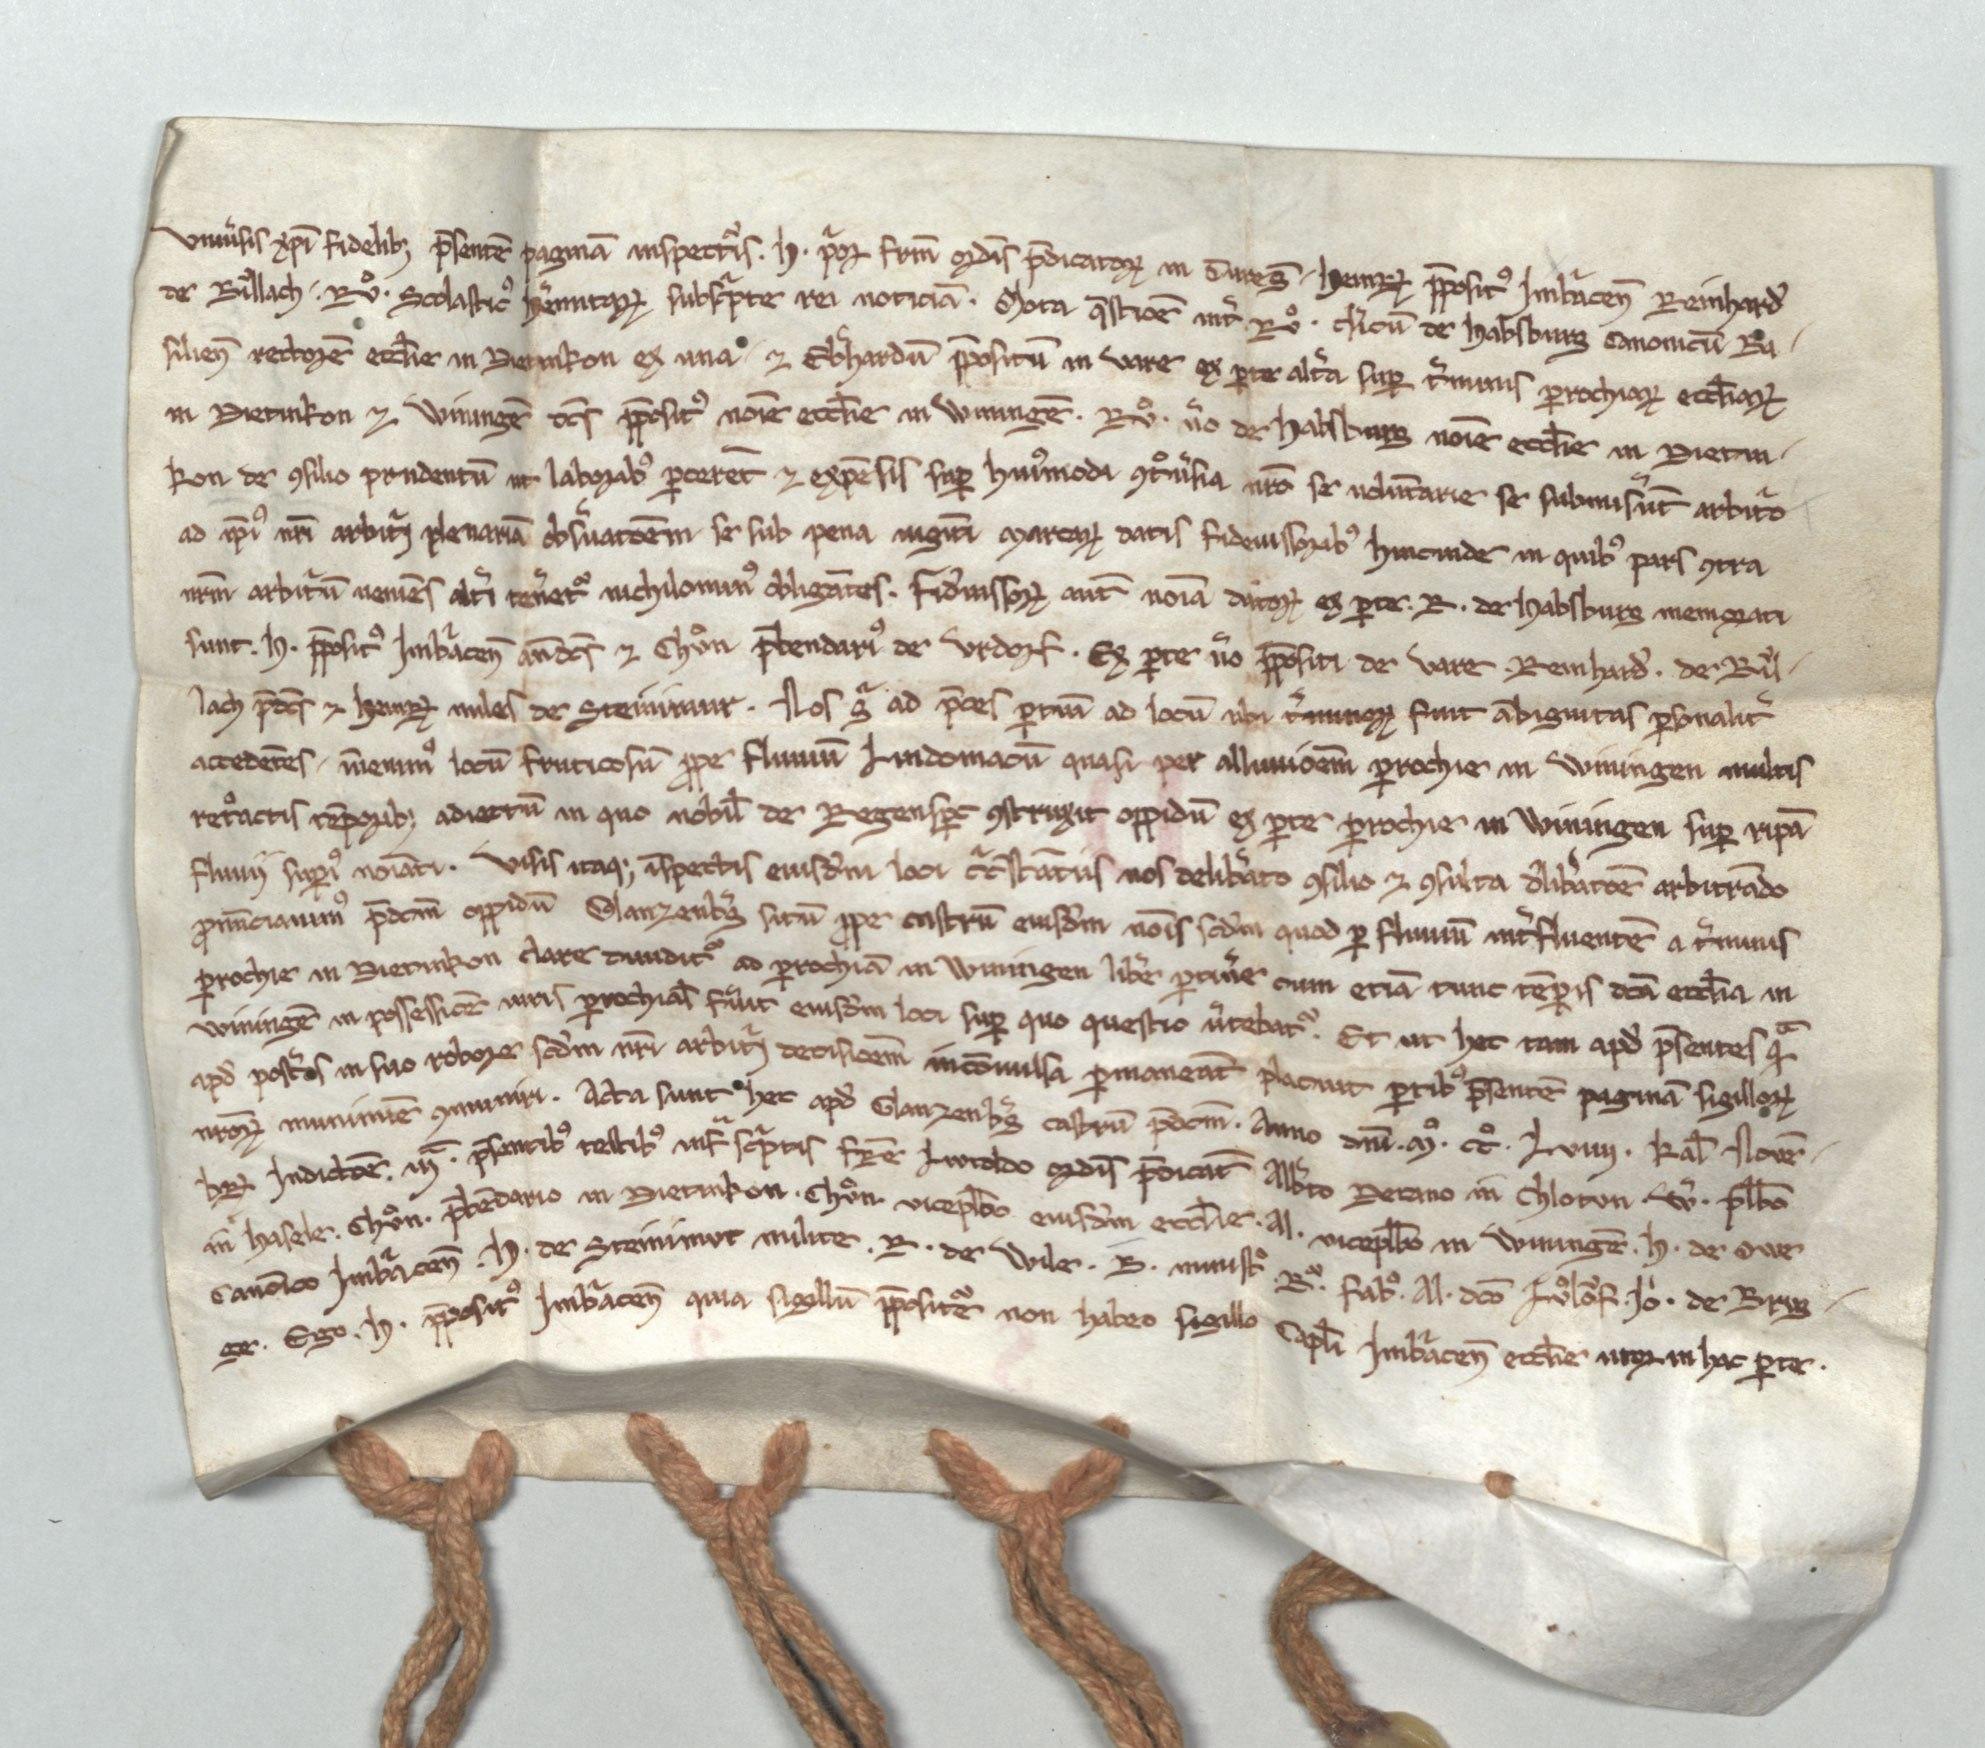 Einsiedeln, Klosterarchiv Einsiedeln, Urkunde 119 (KAE D S 3-r)